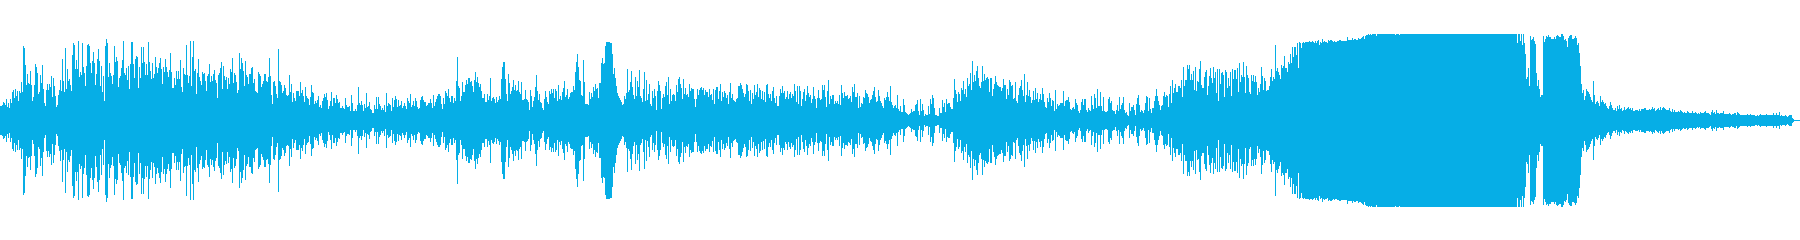 トラクタープルレース回転cの再生済みの波形